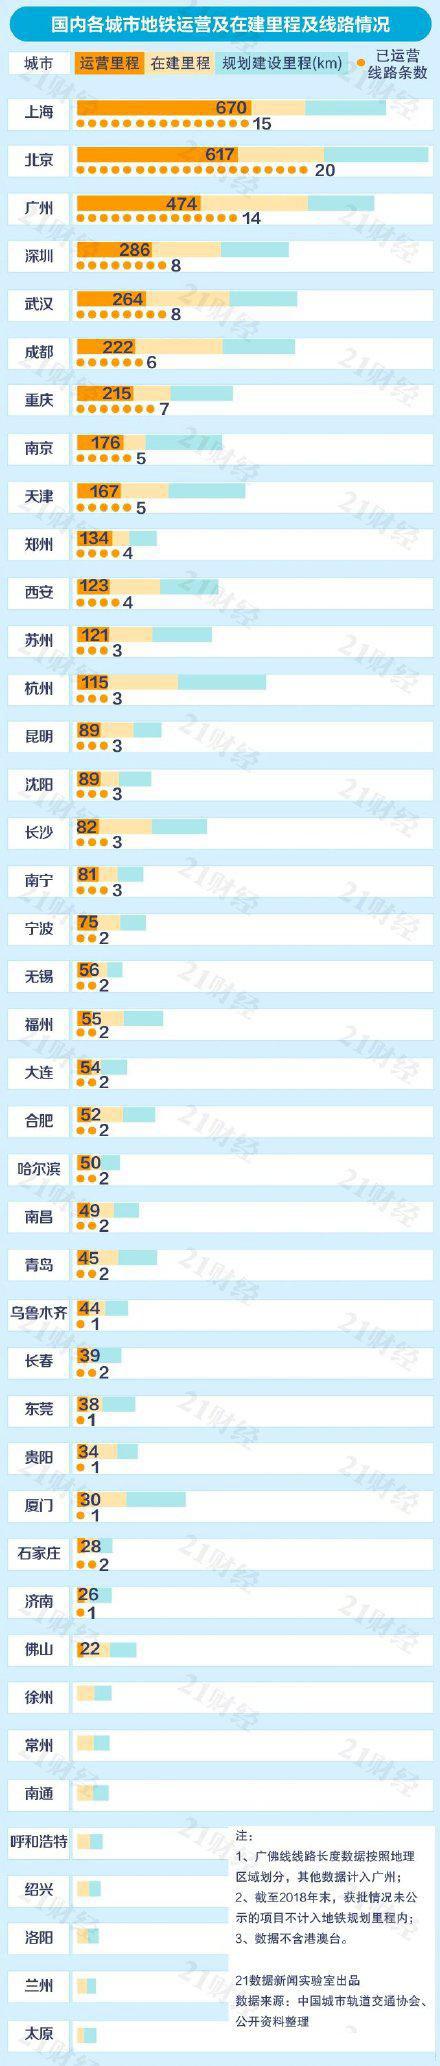 中国各城市地铁运营里程排行榜,上海稳居第一!